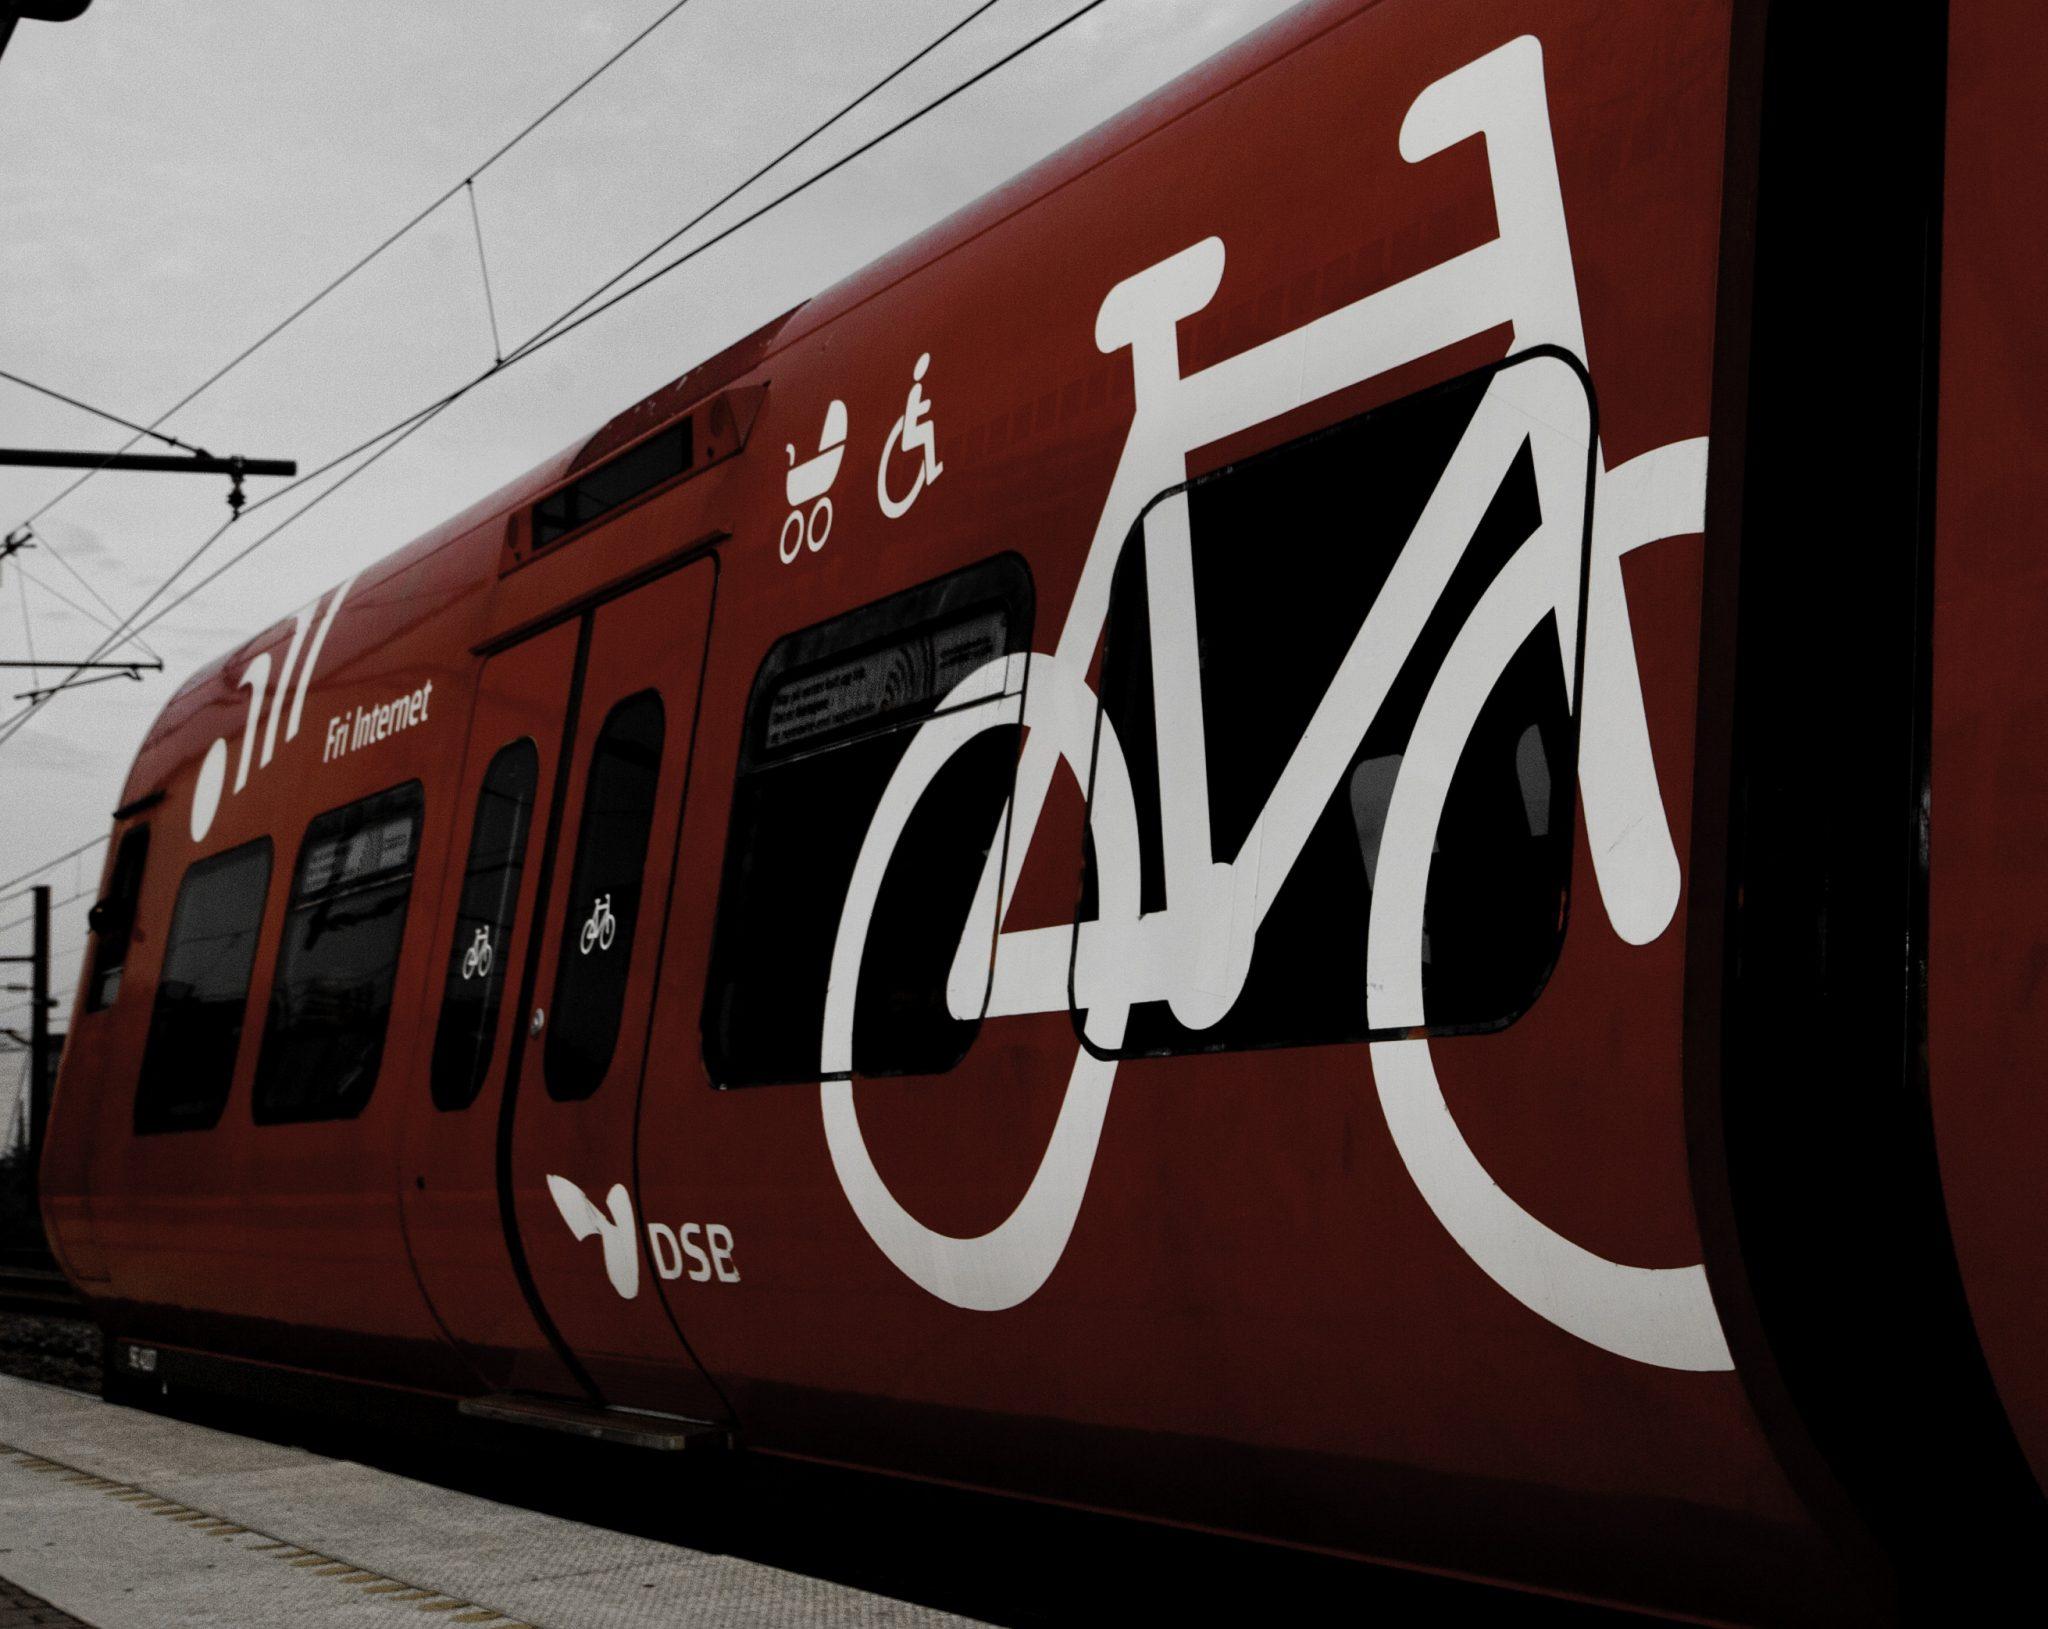 Cu bicicleta in tren - Uniunea Europeana